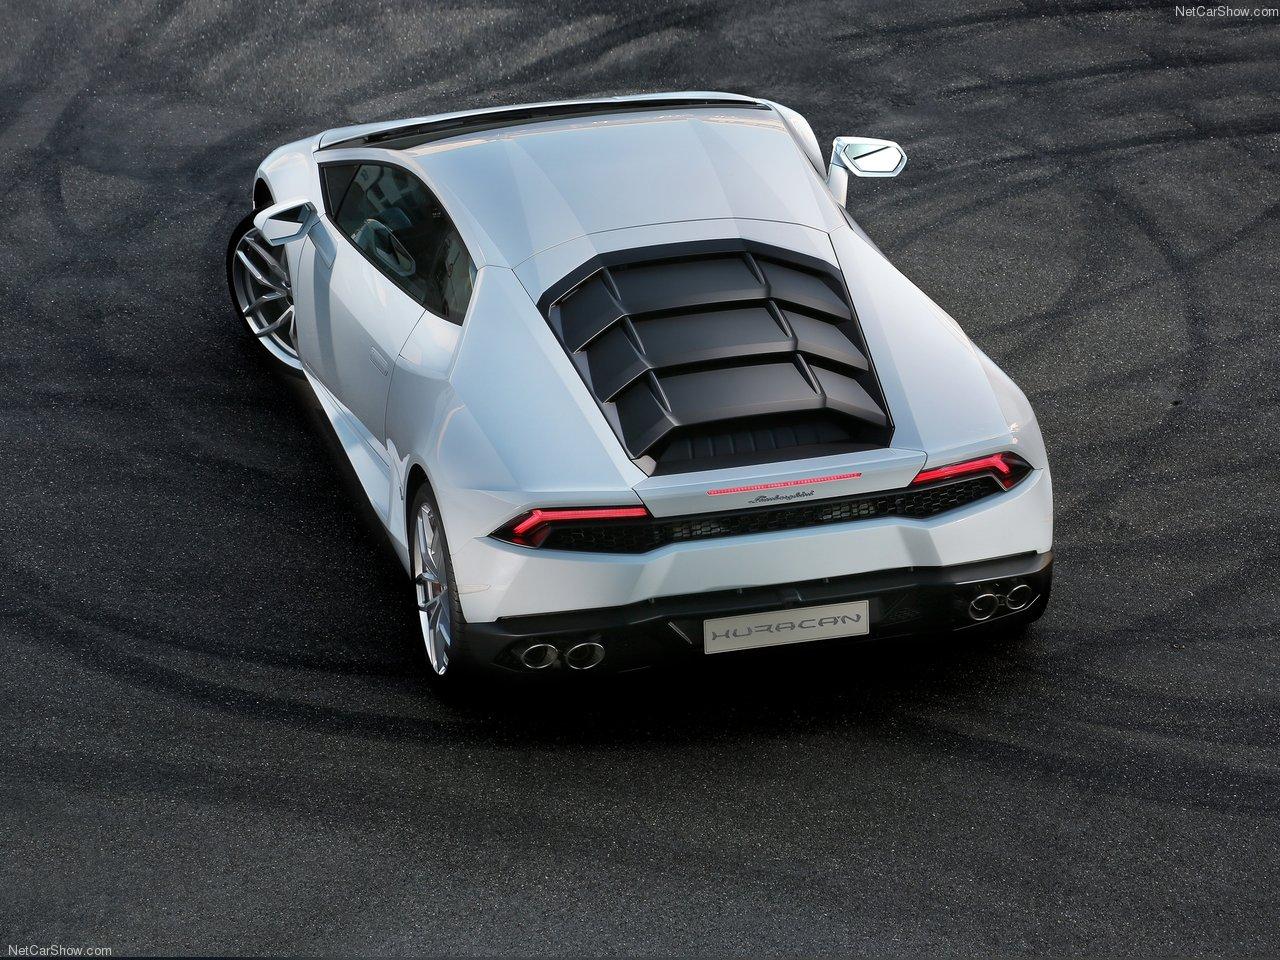 6 lý do Lamborghini Huracan LP610-4 khiến giới chơi xe phát cuồng?